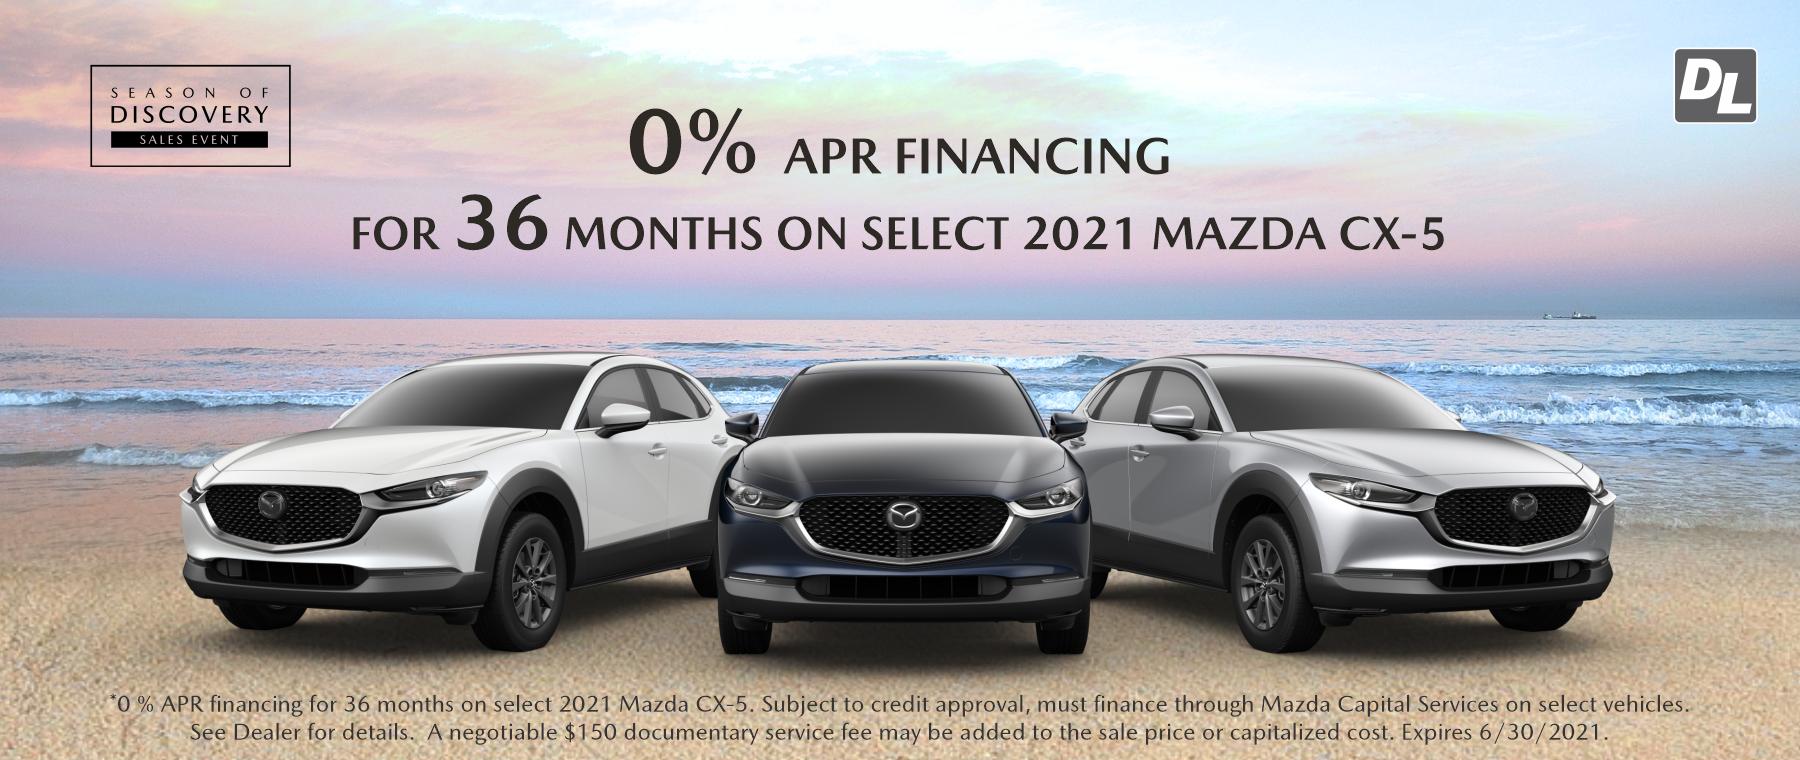 2021JuneBanners-Mazda-cx-5-2